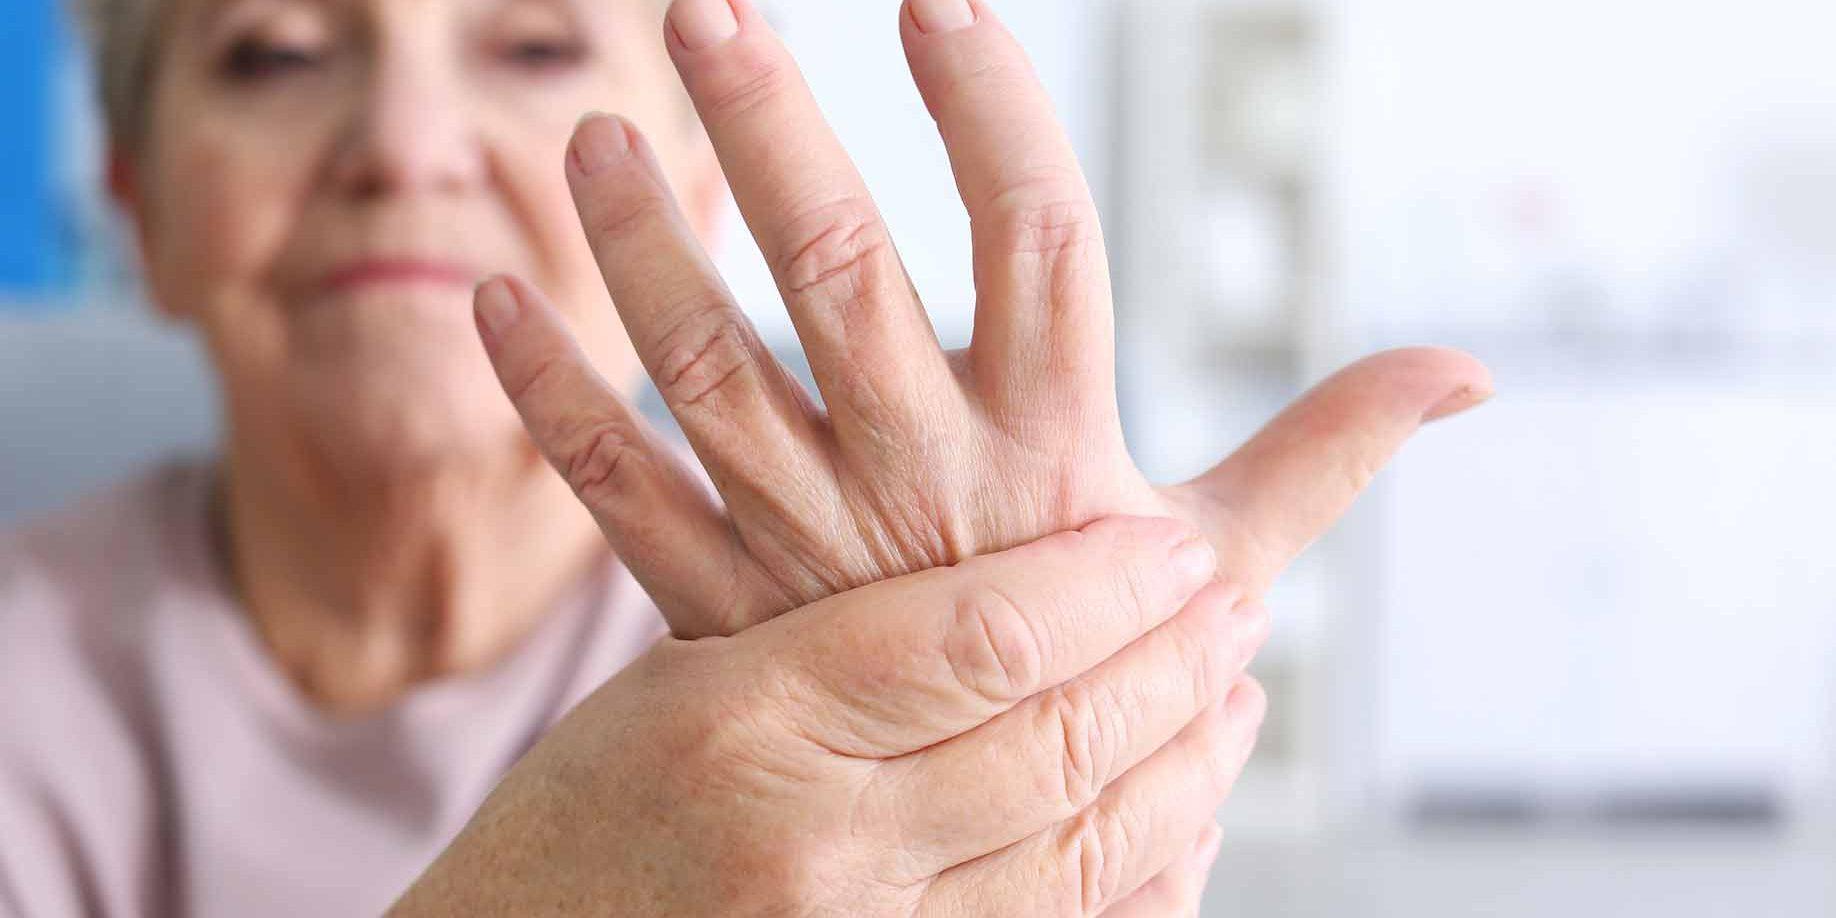 artritas žandikaulio sąnario